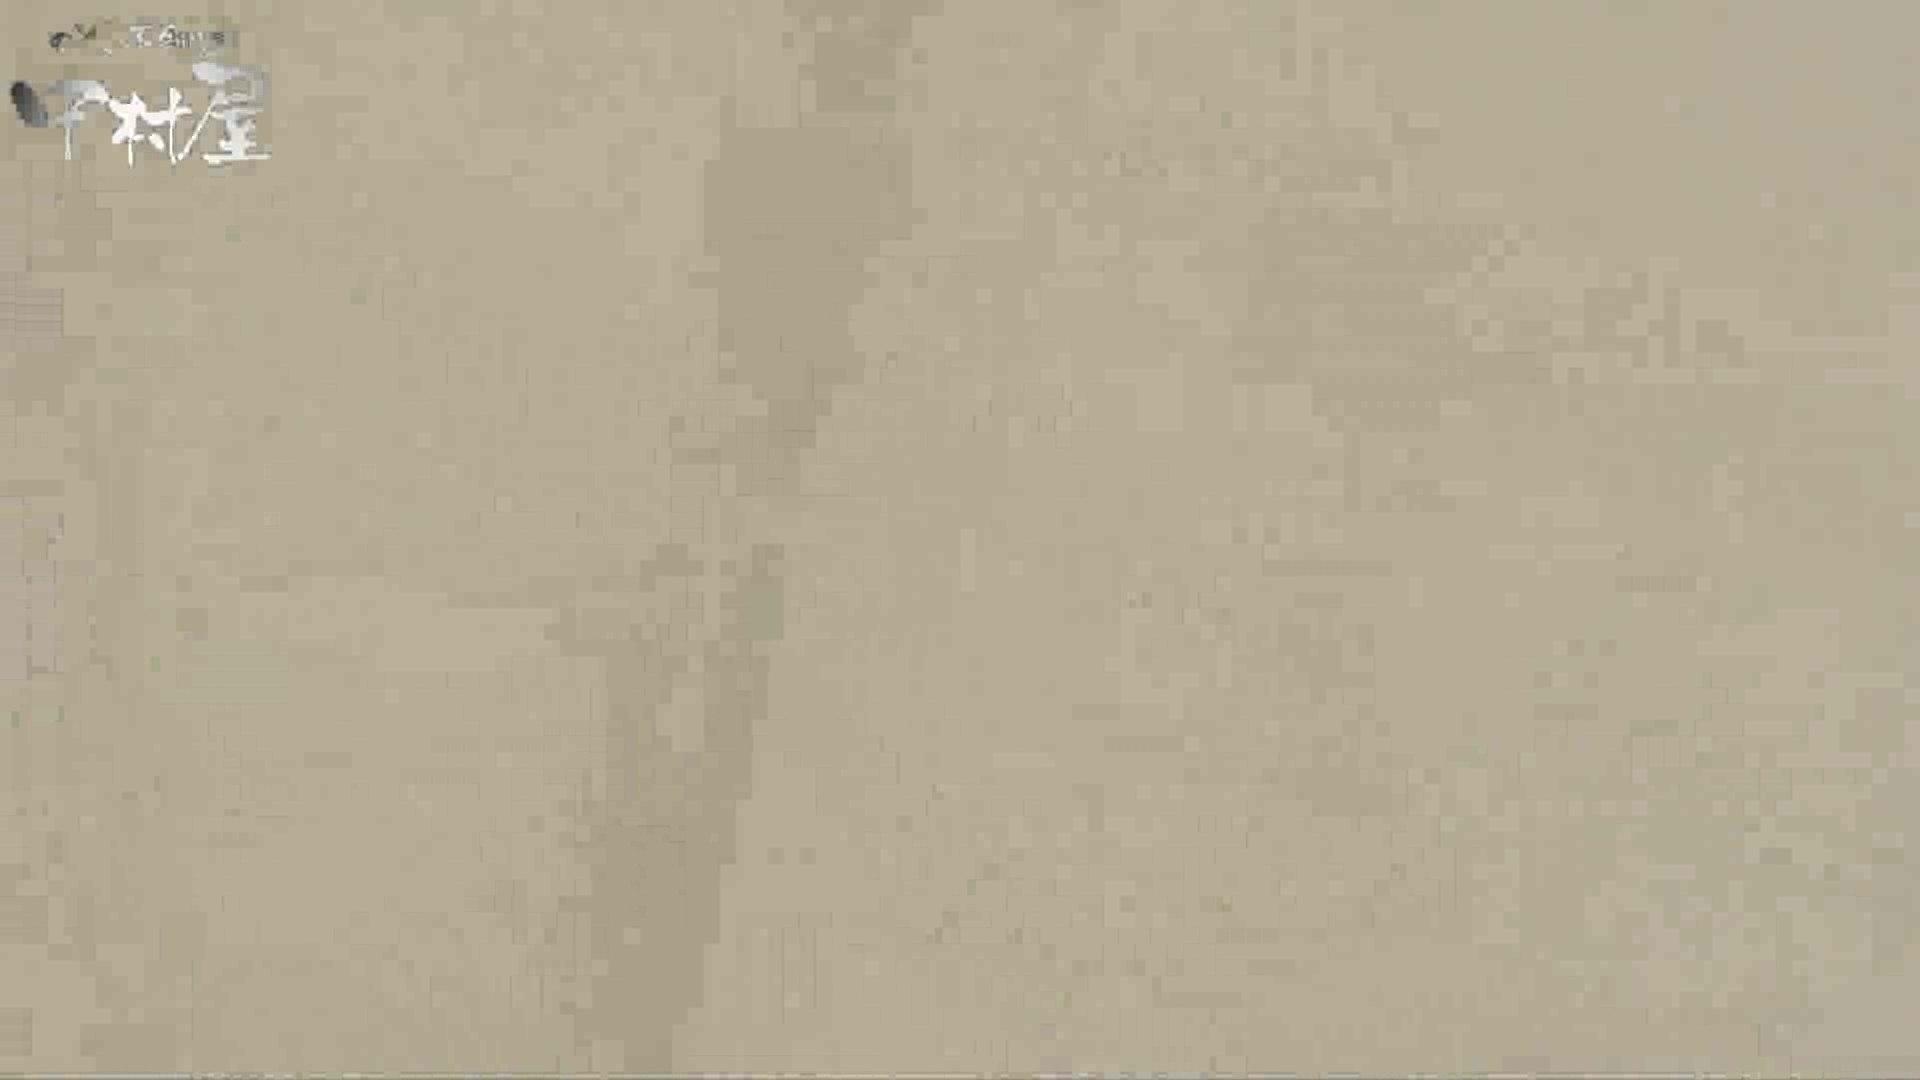 ドキドキ❤新入生パンチラ歓迎会vol.12 盗撮シリーズ オメコ無修正動画無料 78PIX 54